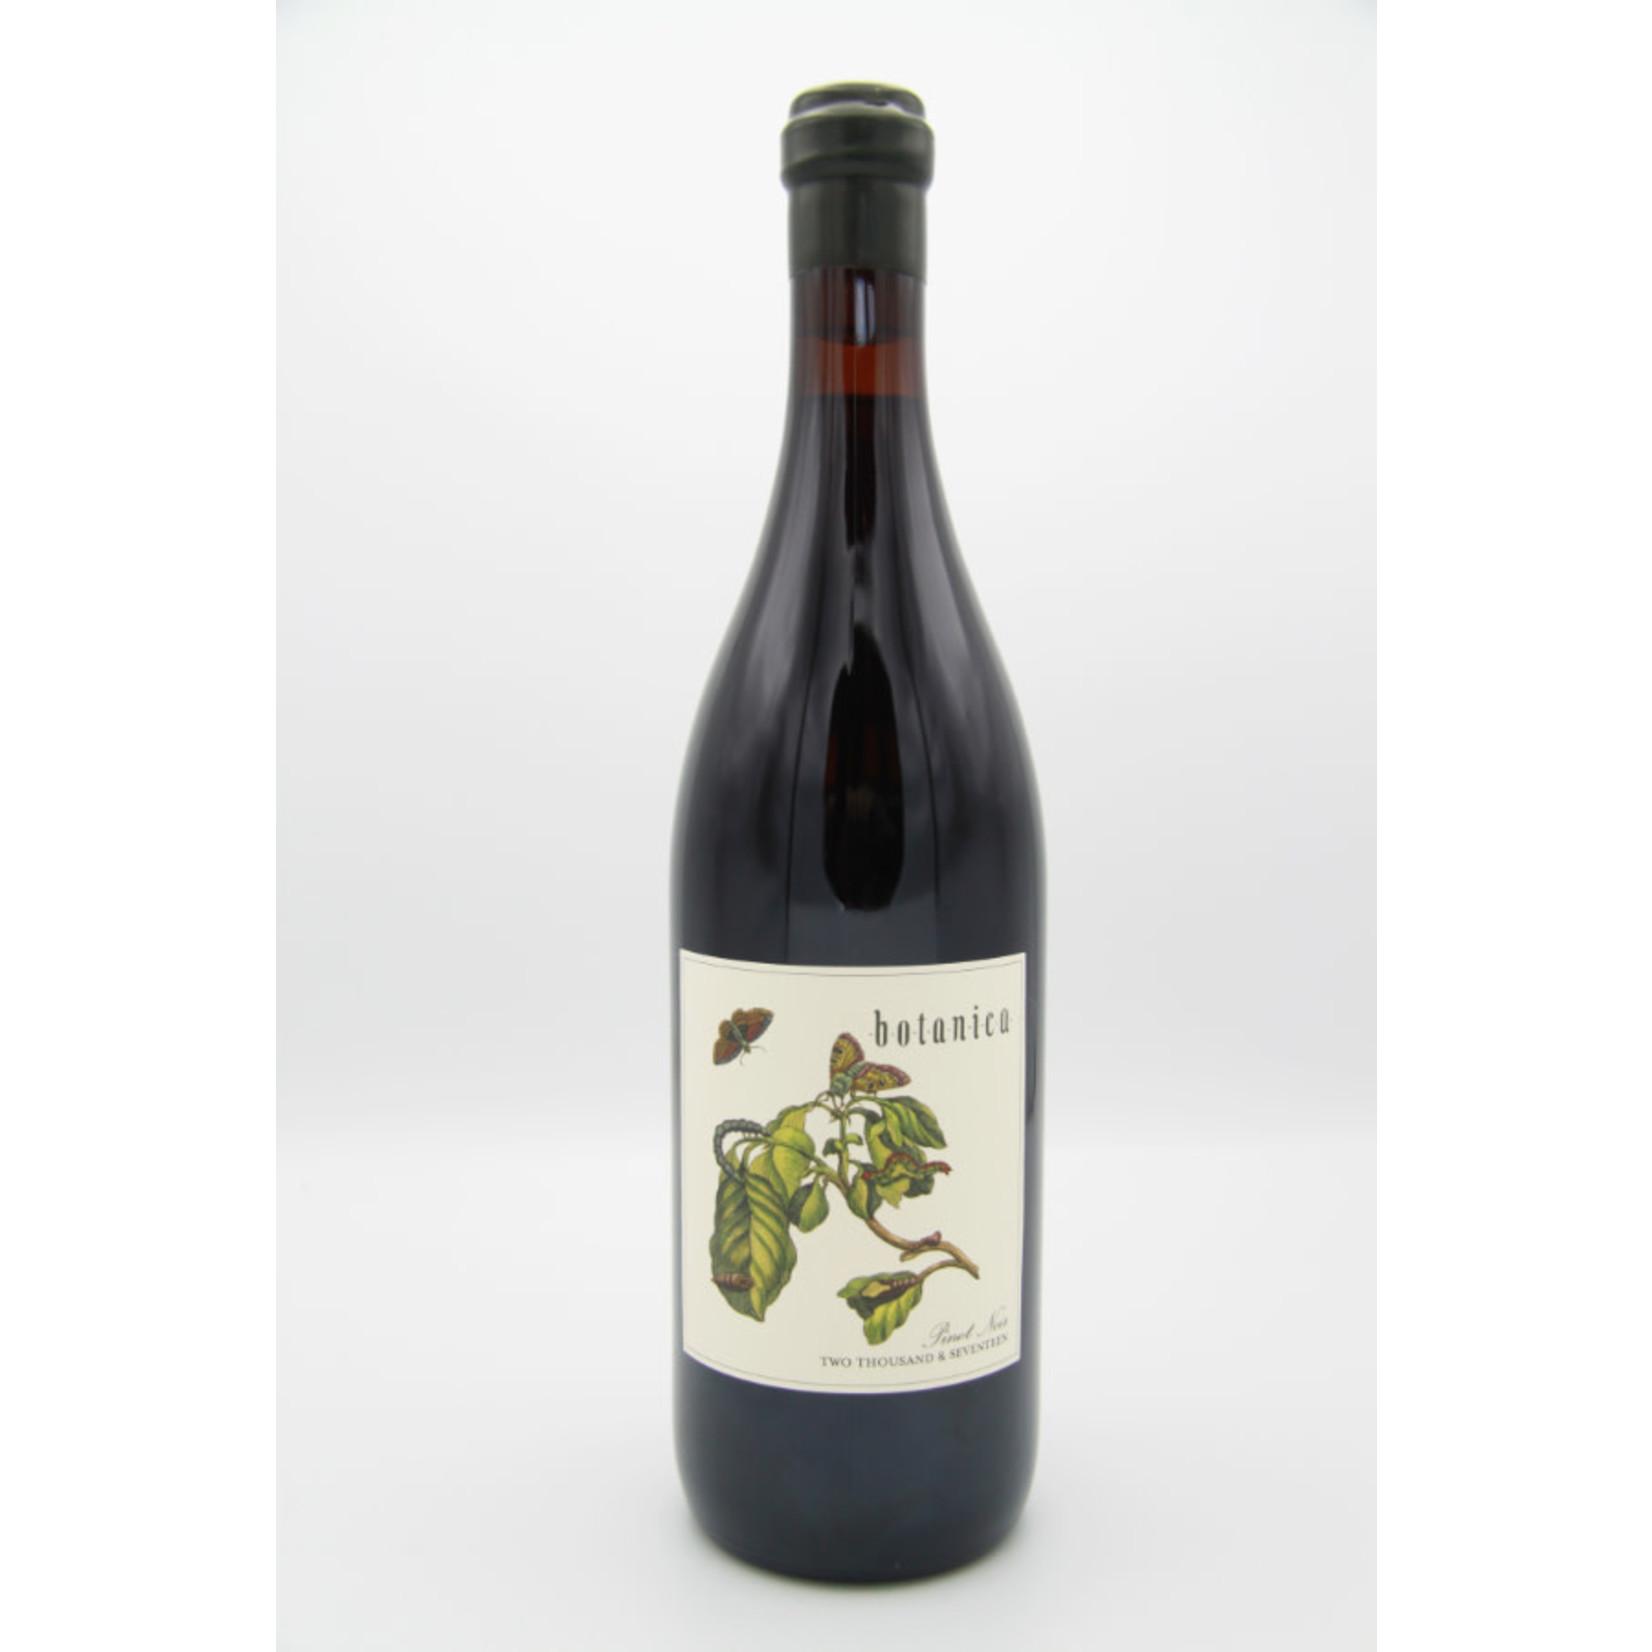 2017 Antica Terra 'Botanica' Pinot Noir